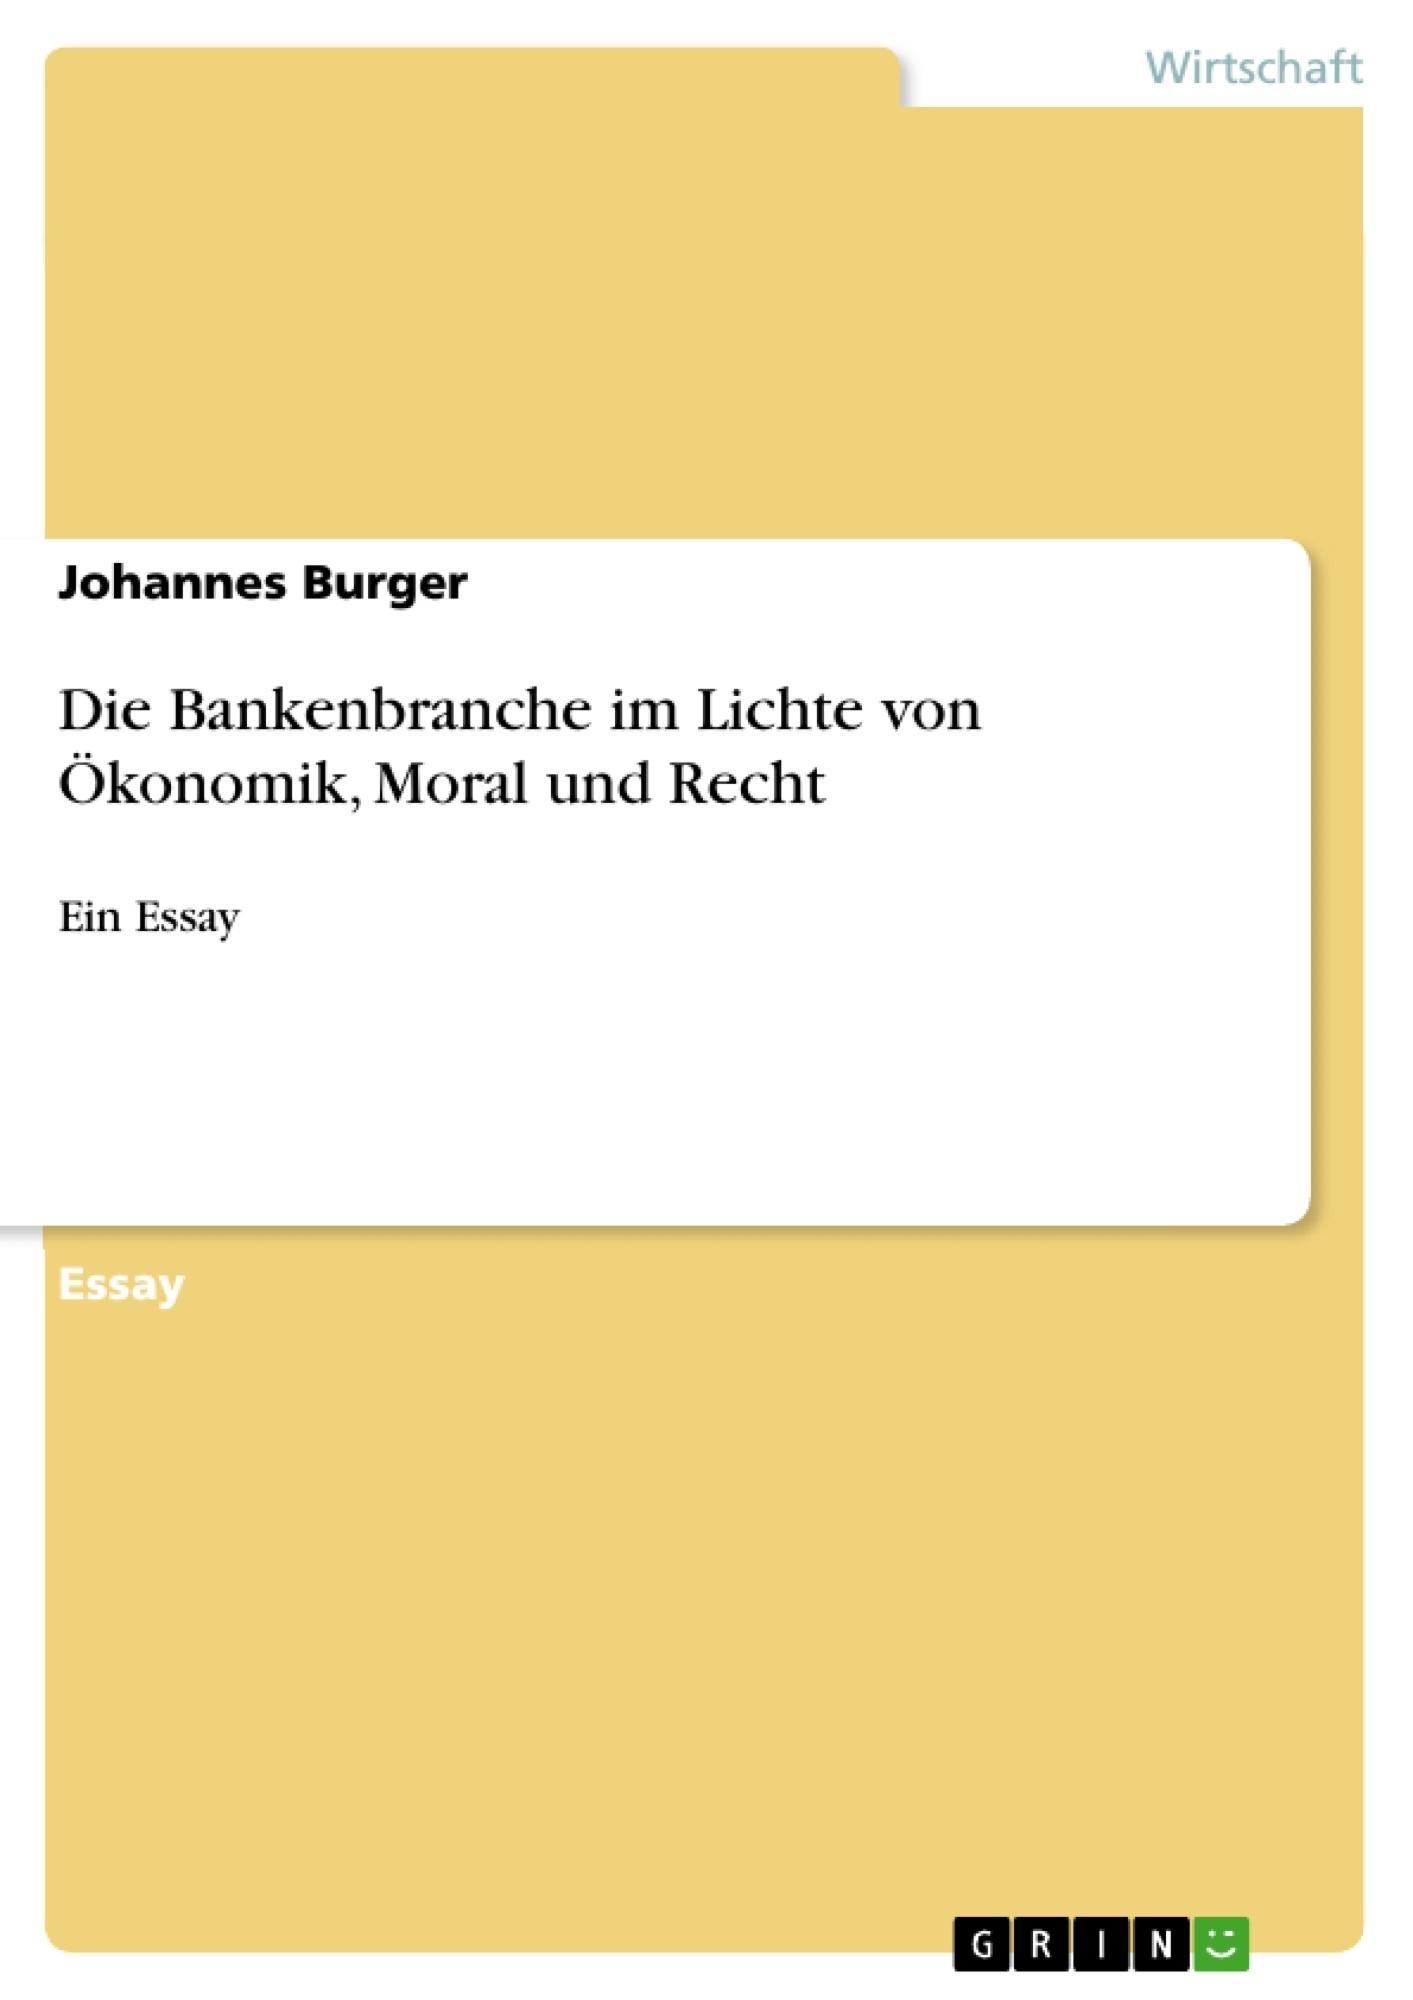 Titel: Die Bankenbranche im Lichte von Ökonomik, Moral und Recht